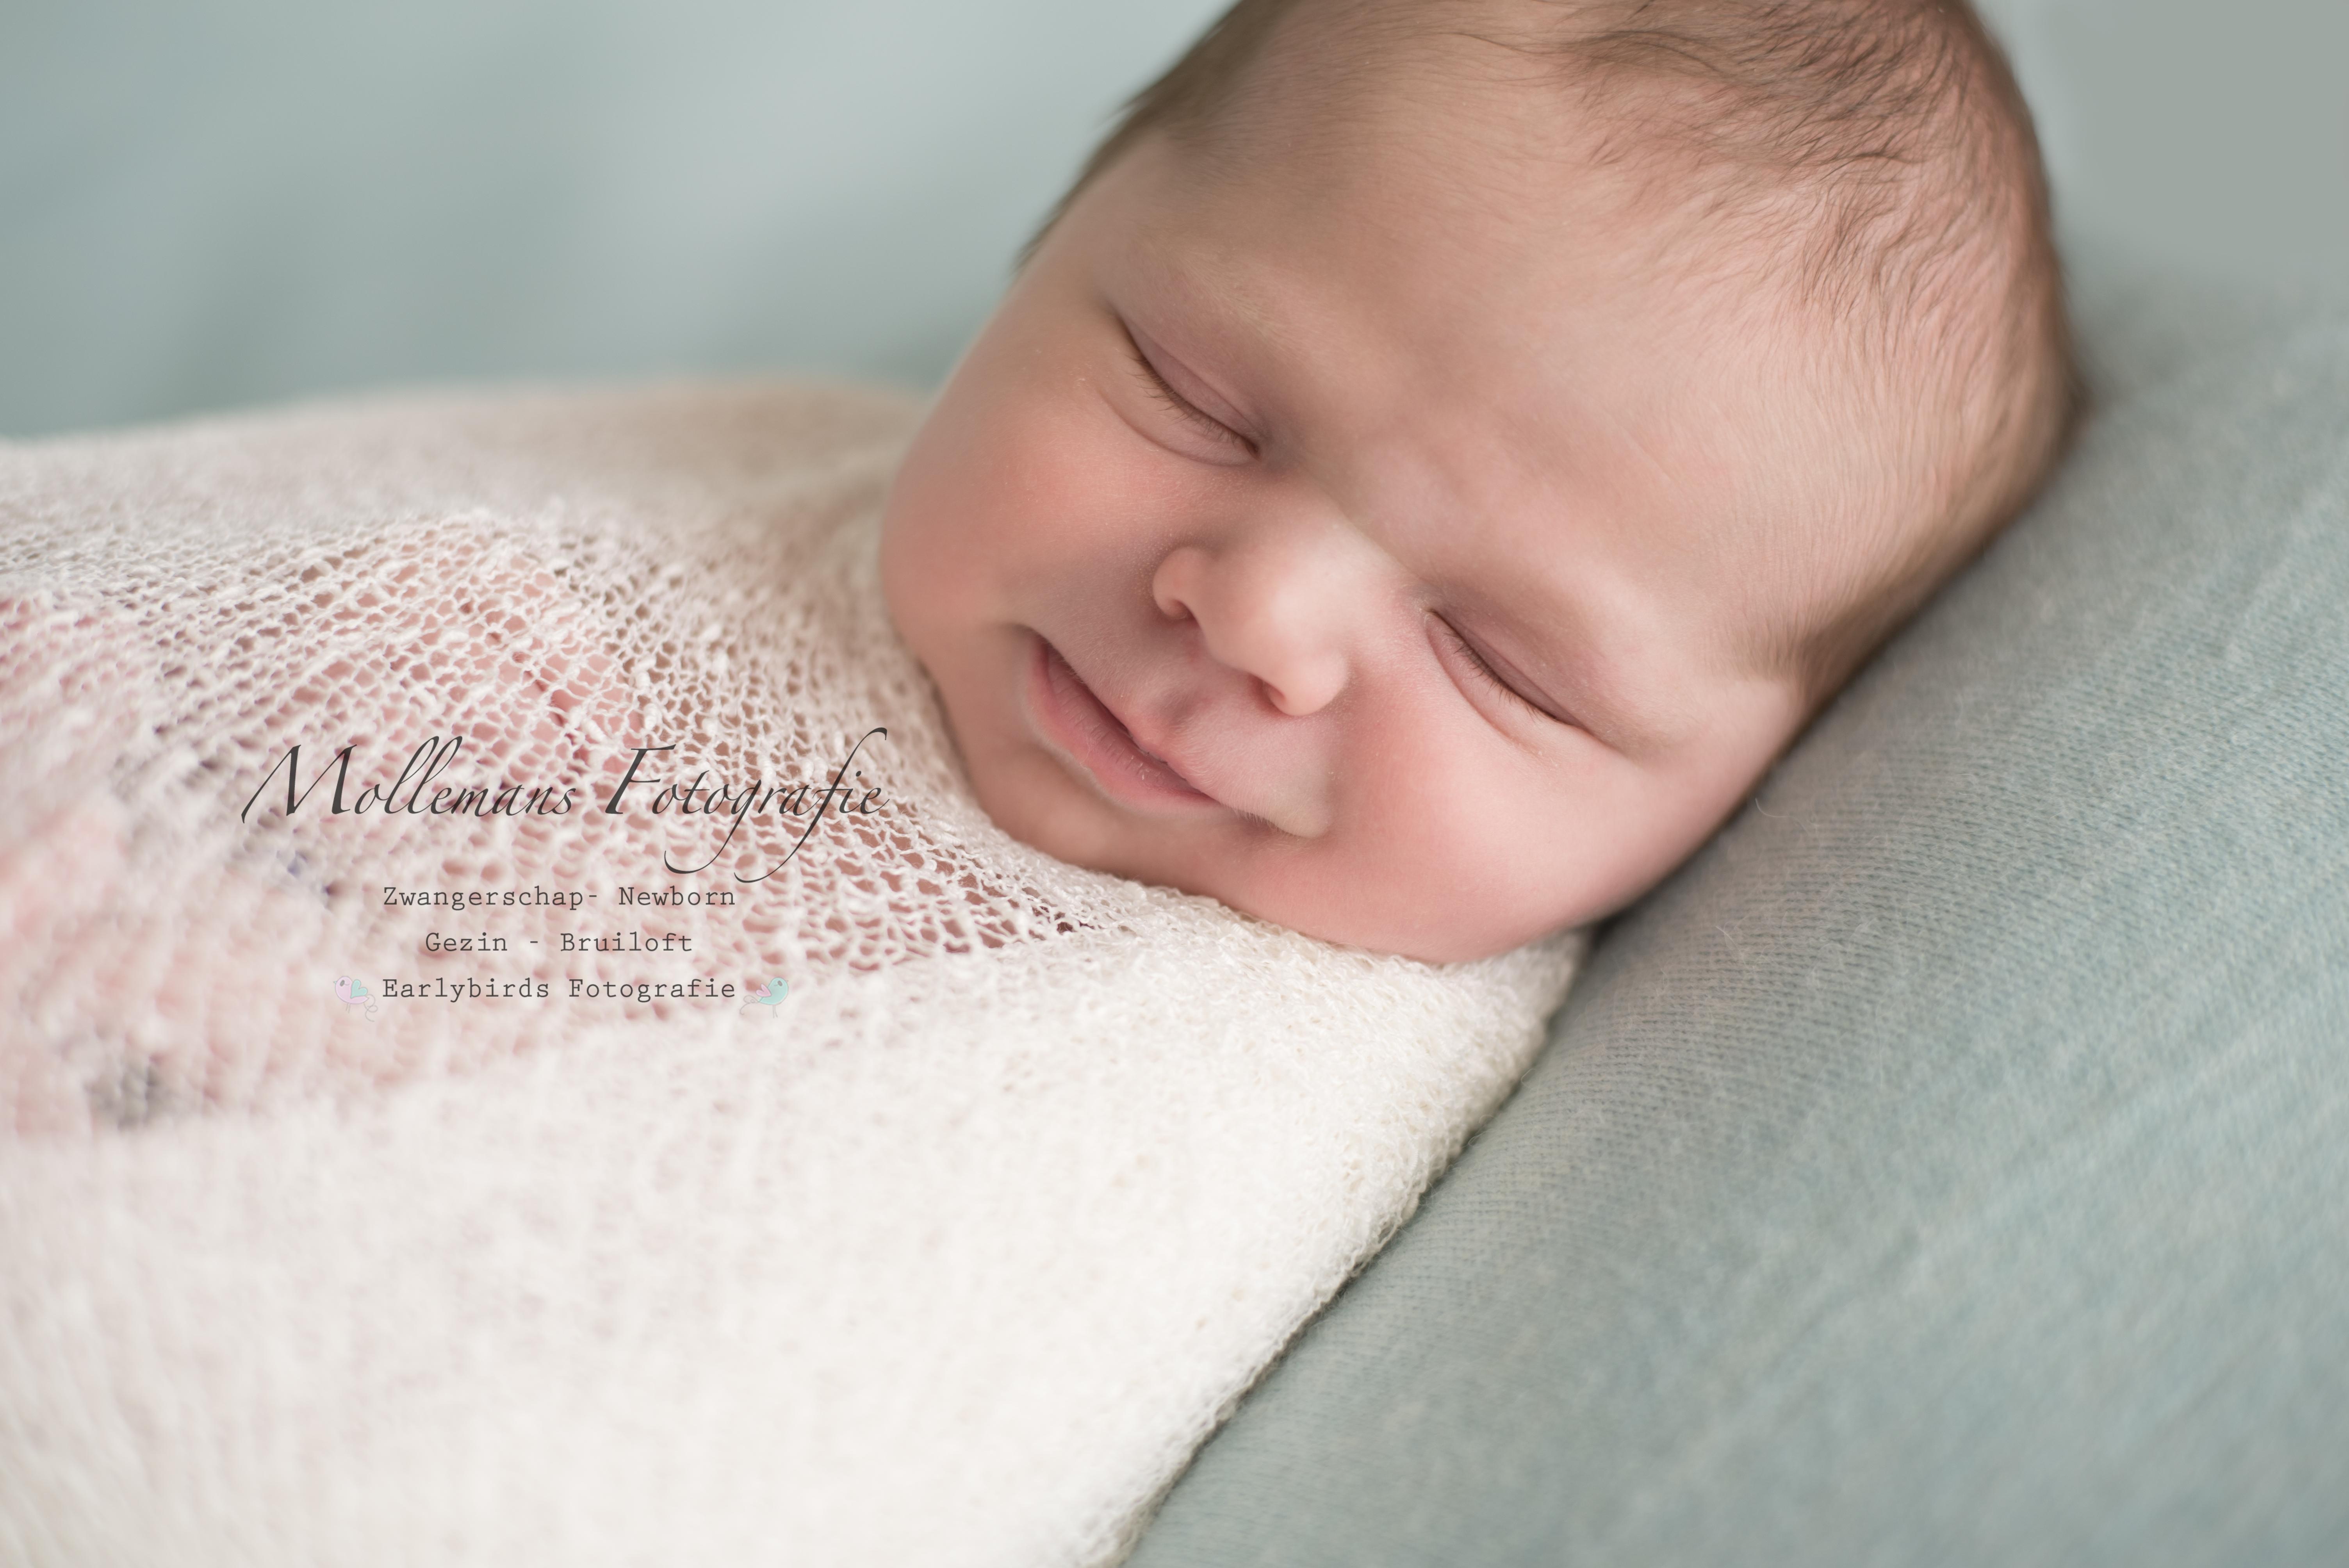 mollemans fotografie newborn beek en donk